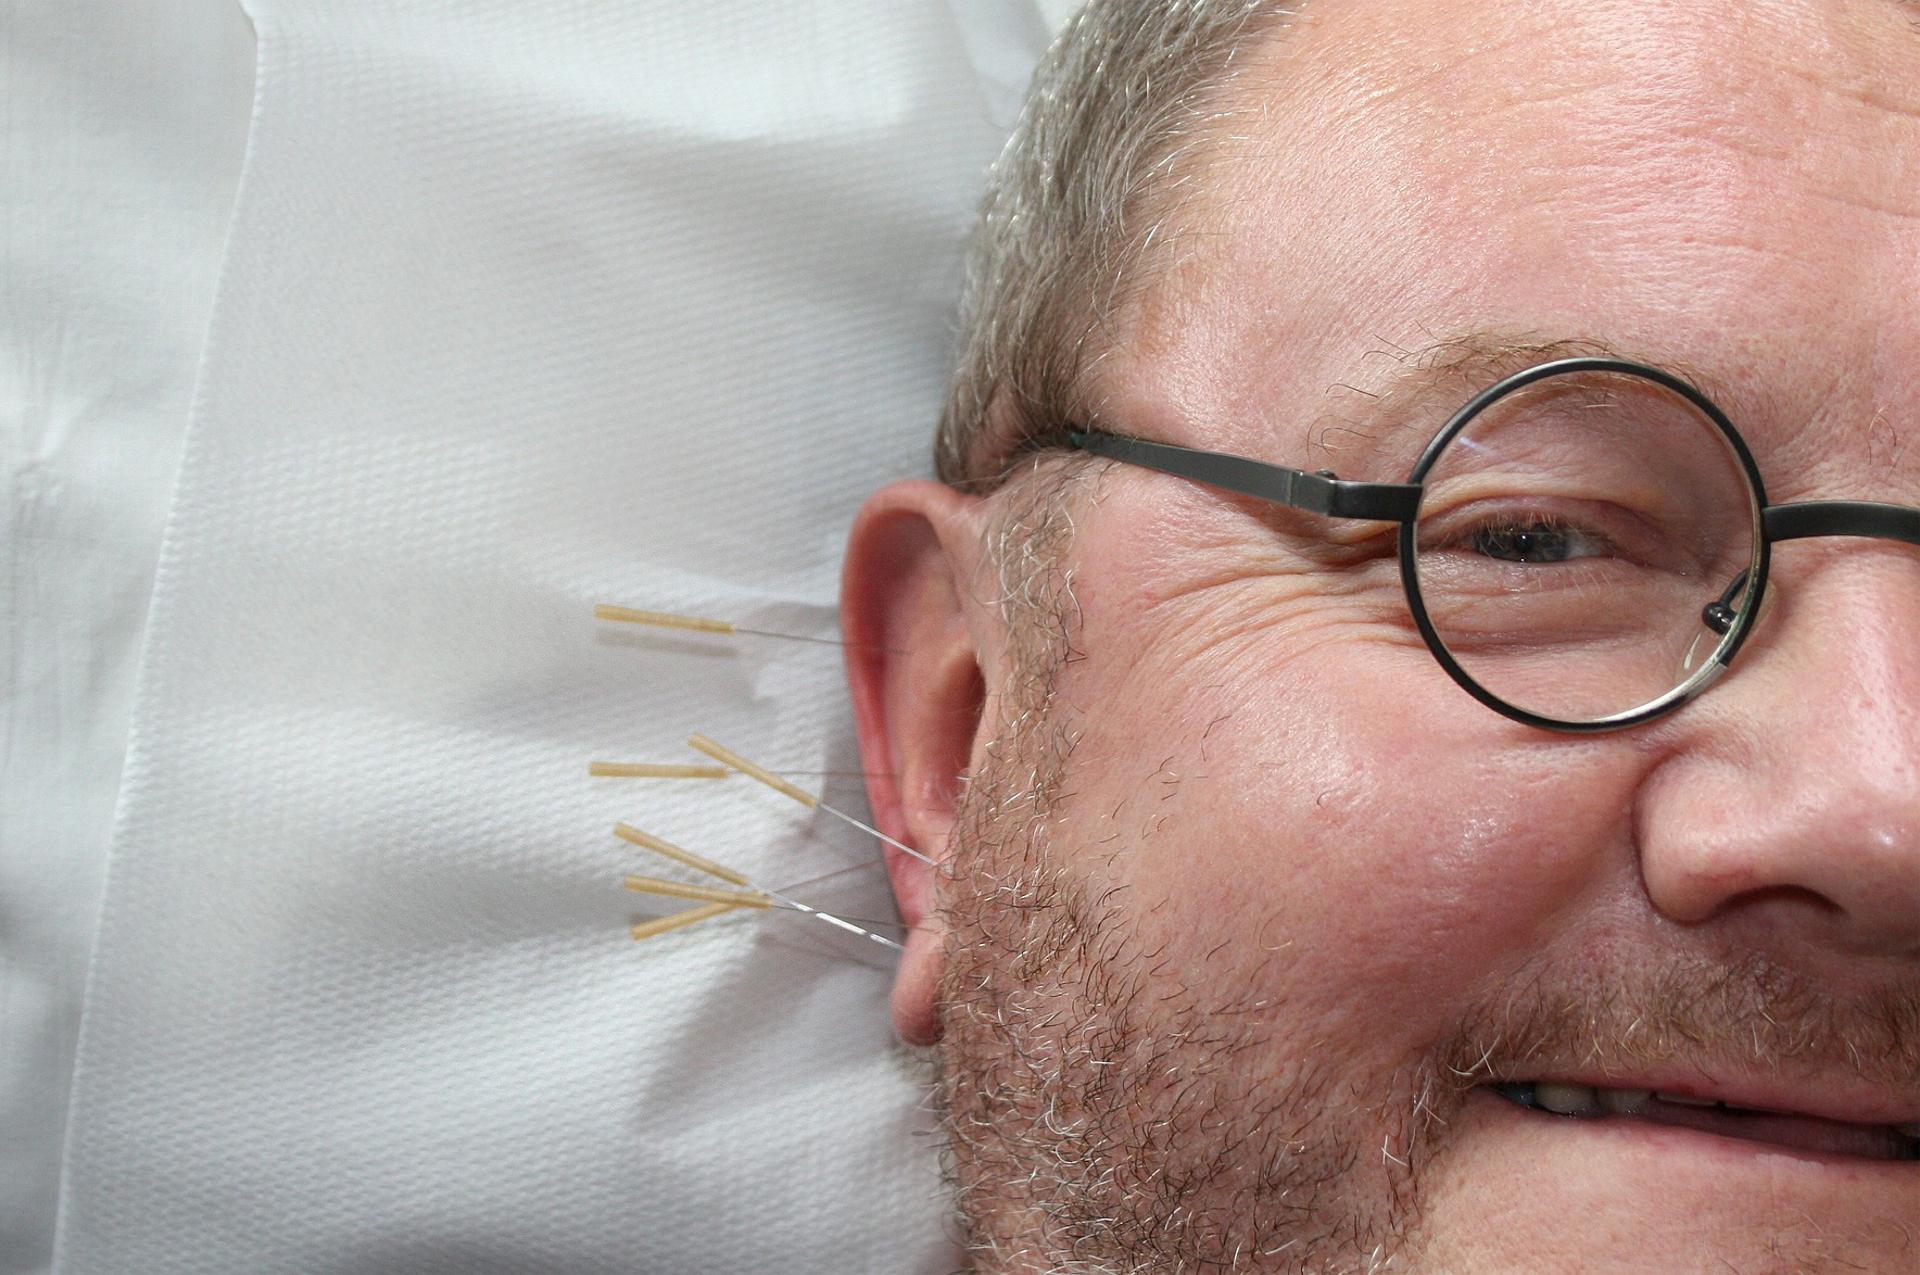 acupuntura santiago galicia